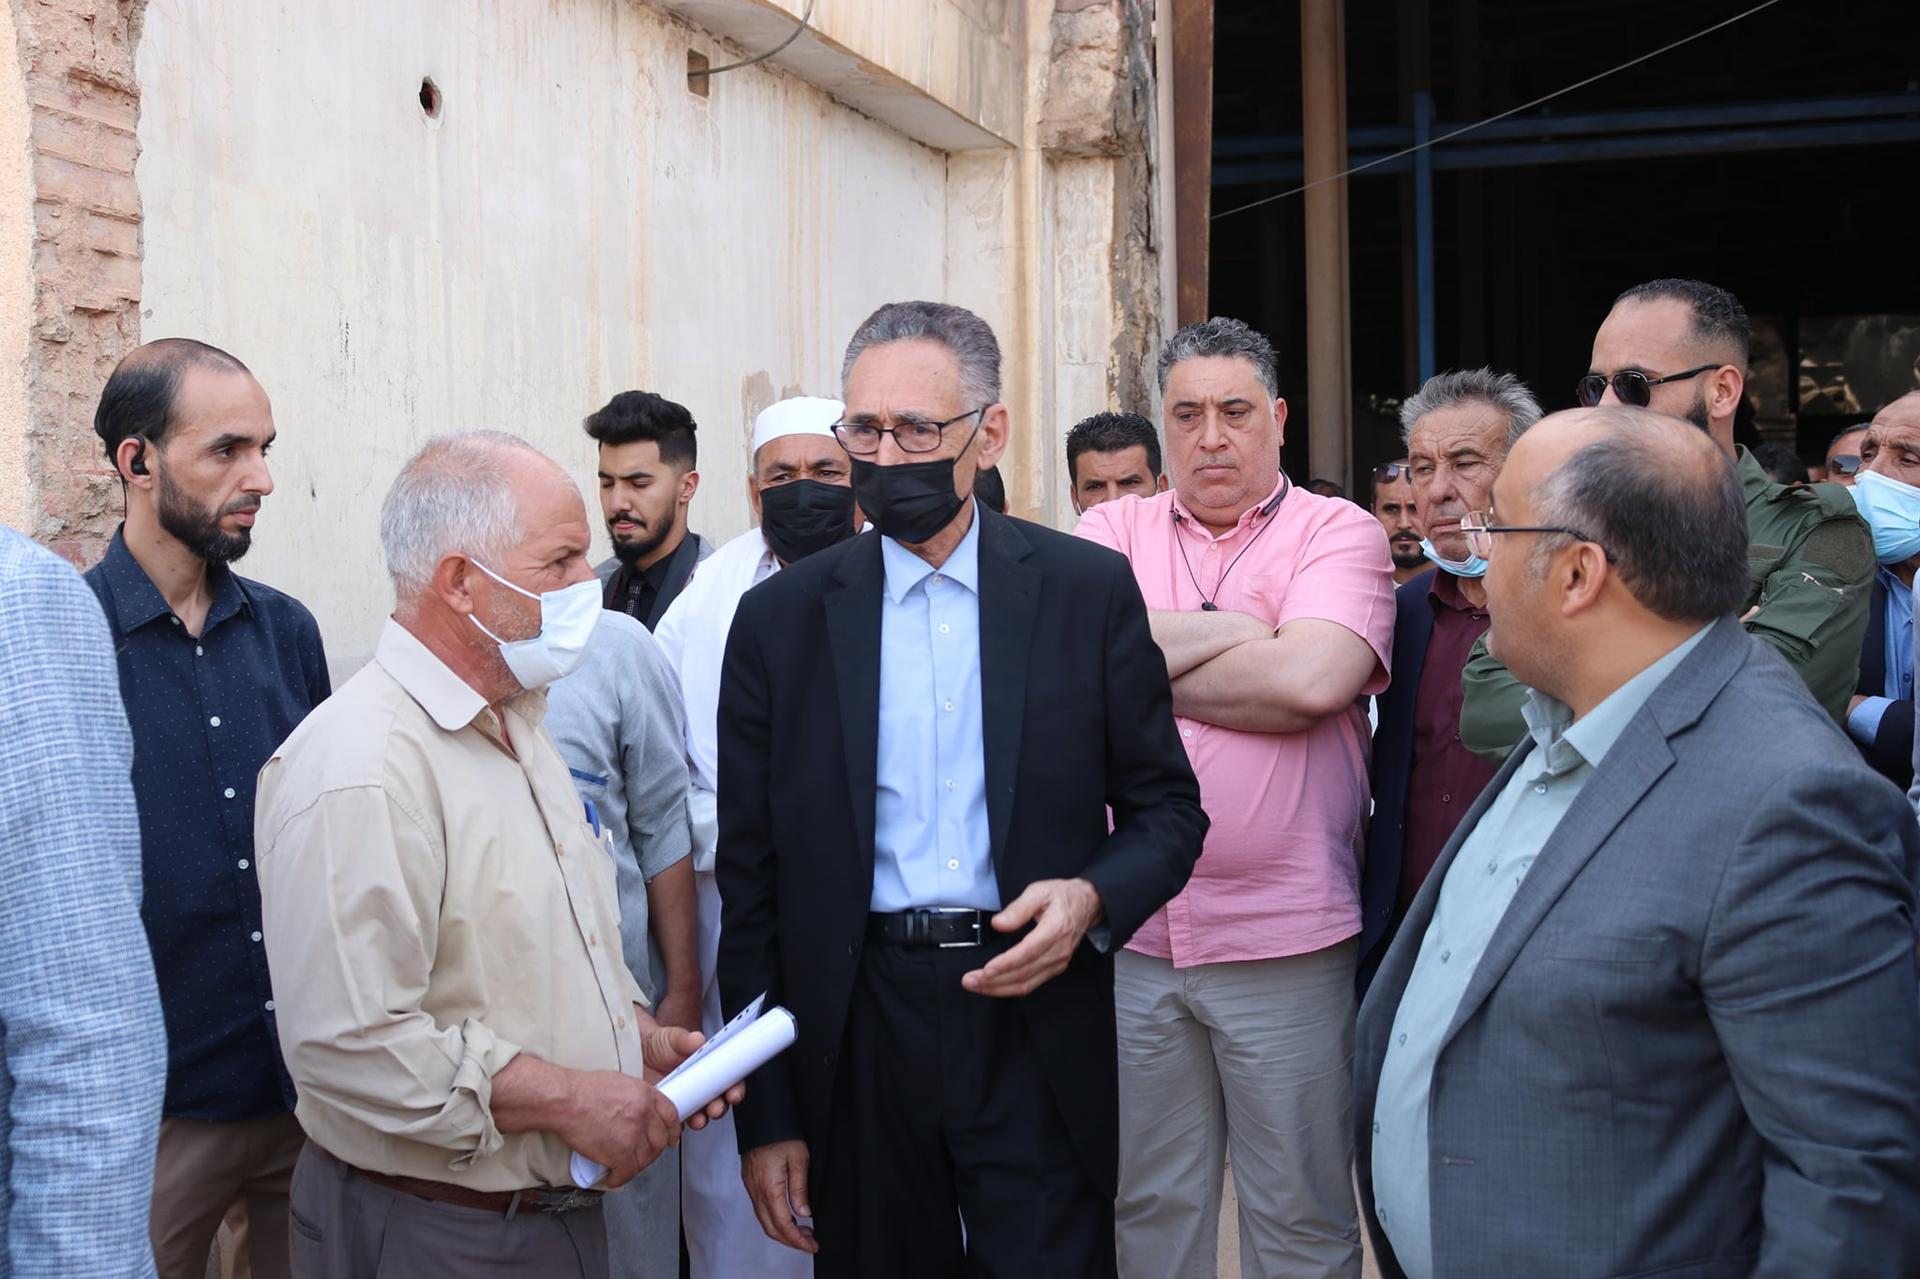 حكومة الوحدة تسعى لتفعيل صندوق الإعمار والتنمية في طرابلس